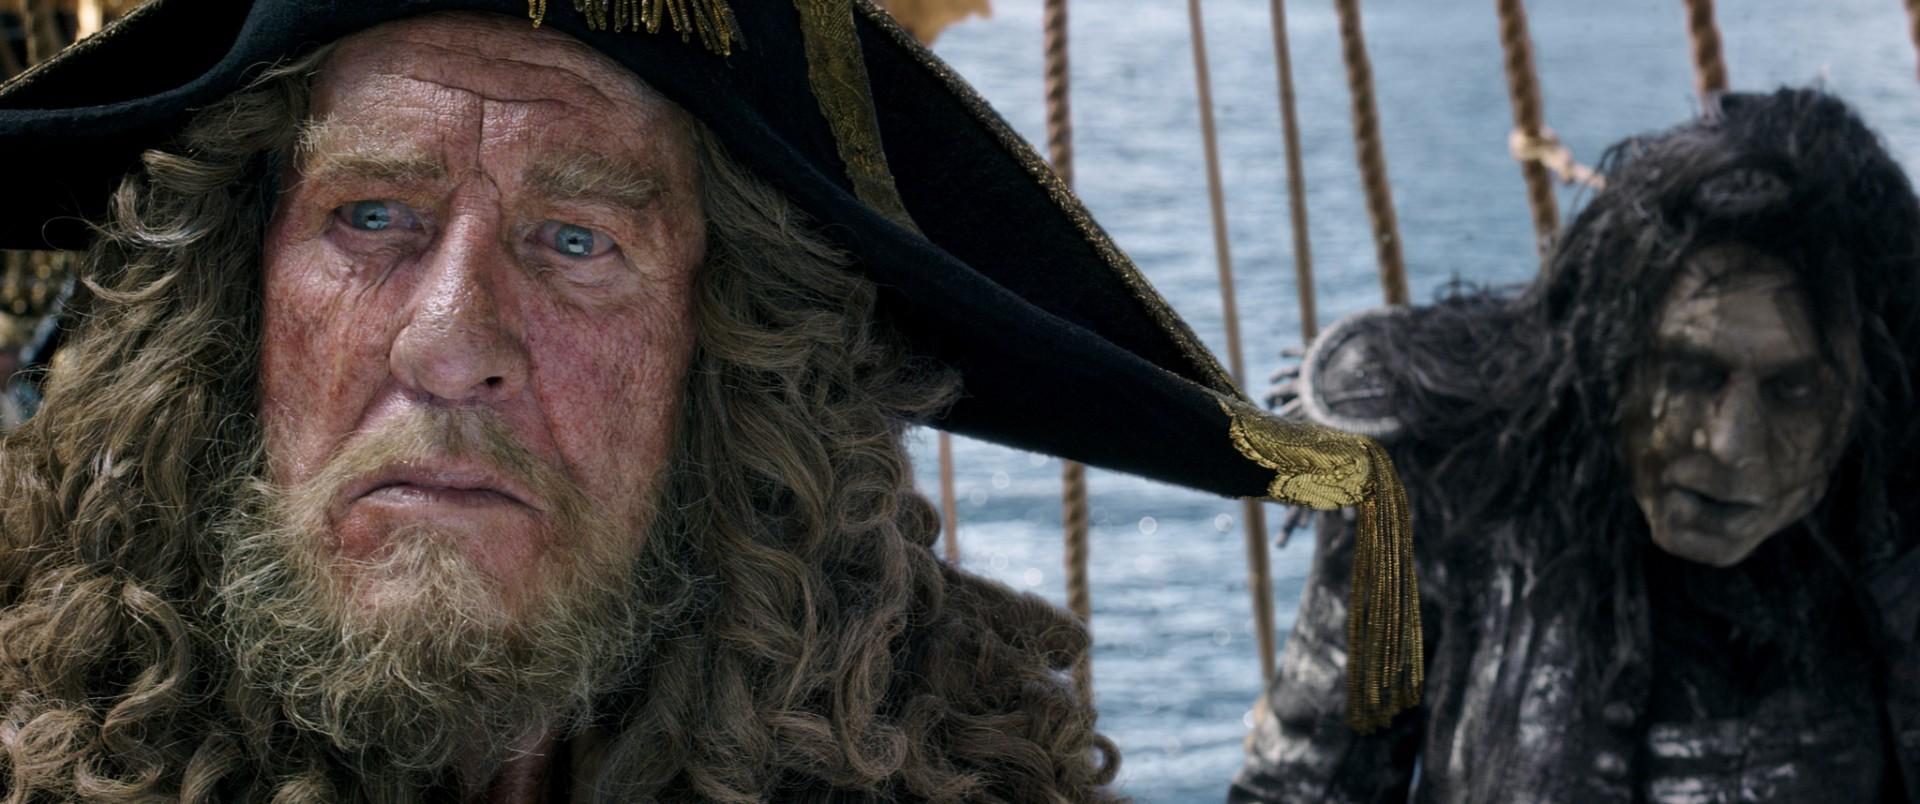 Смотреть фильм Пираты Карибского моря: Мертвецы не рассказывают сказки пиратская копия